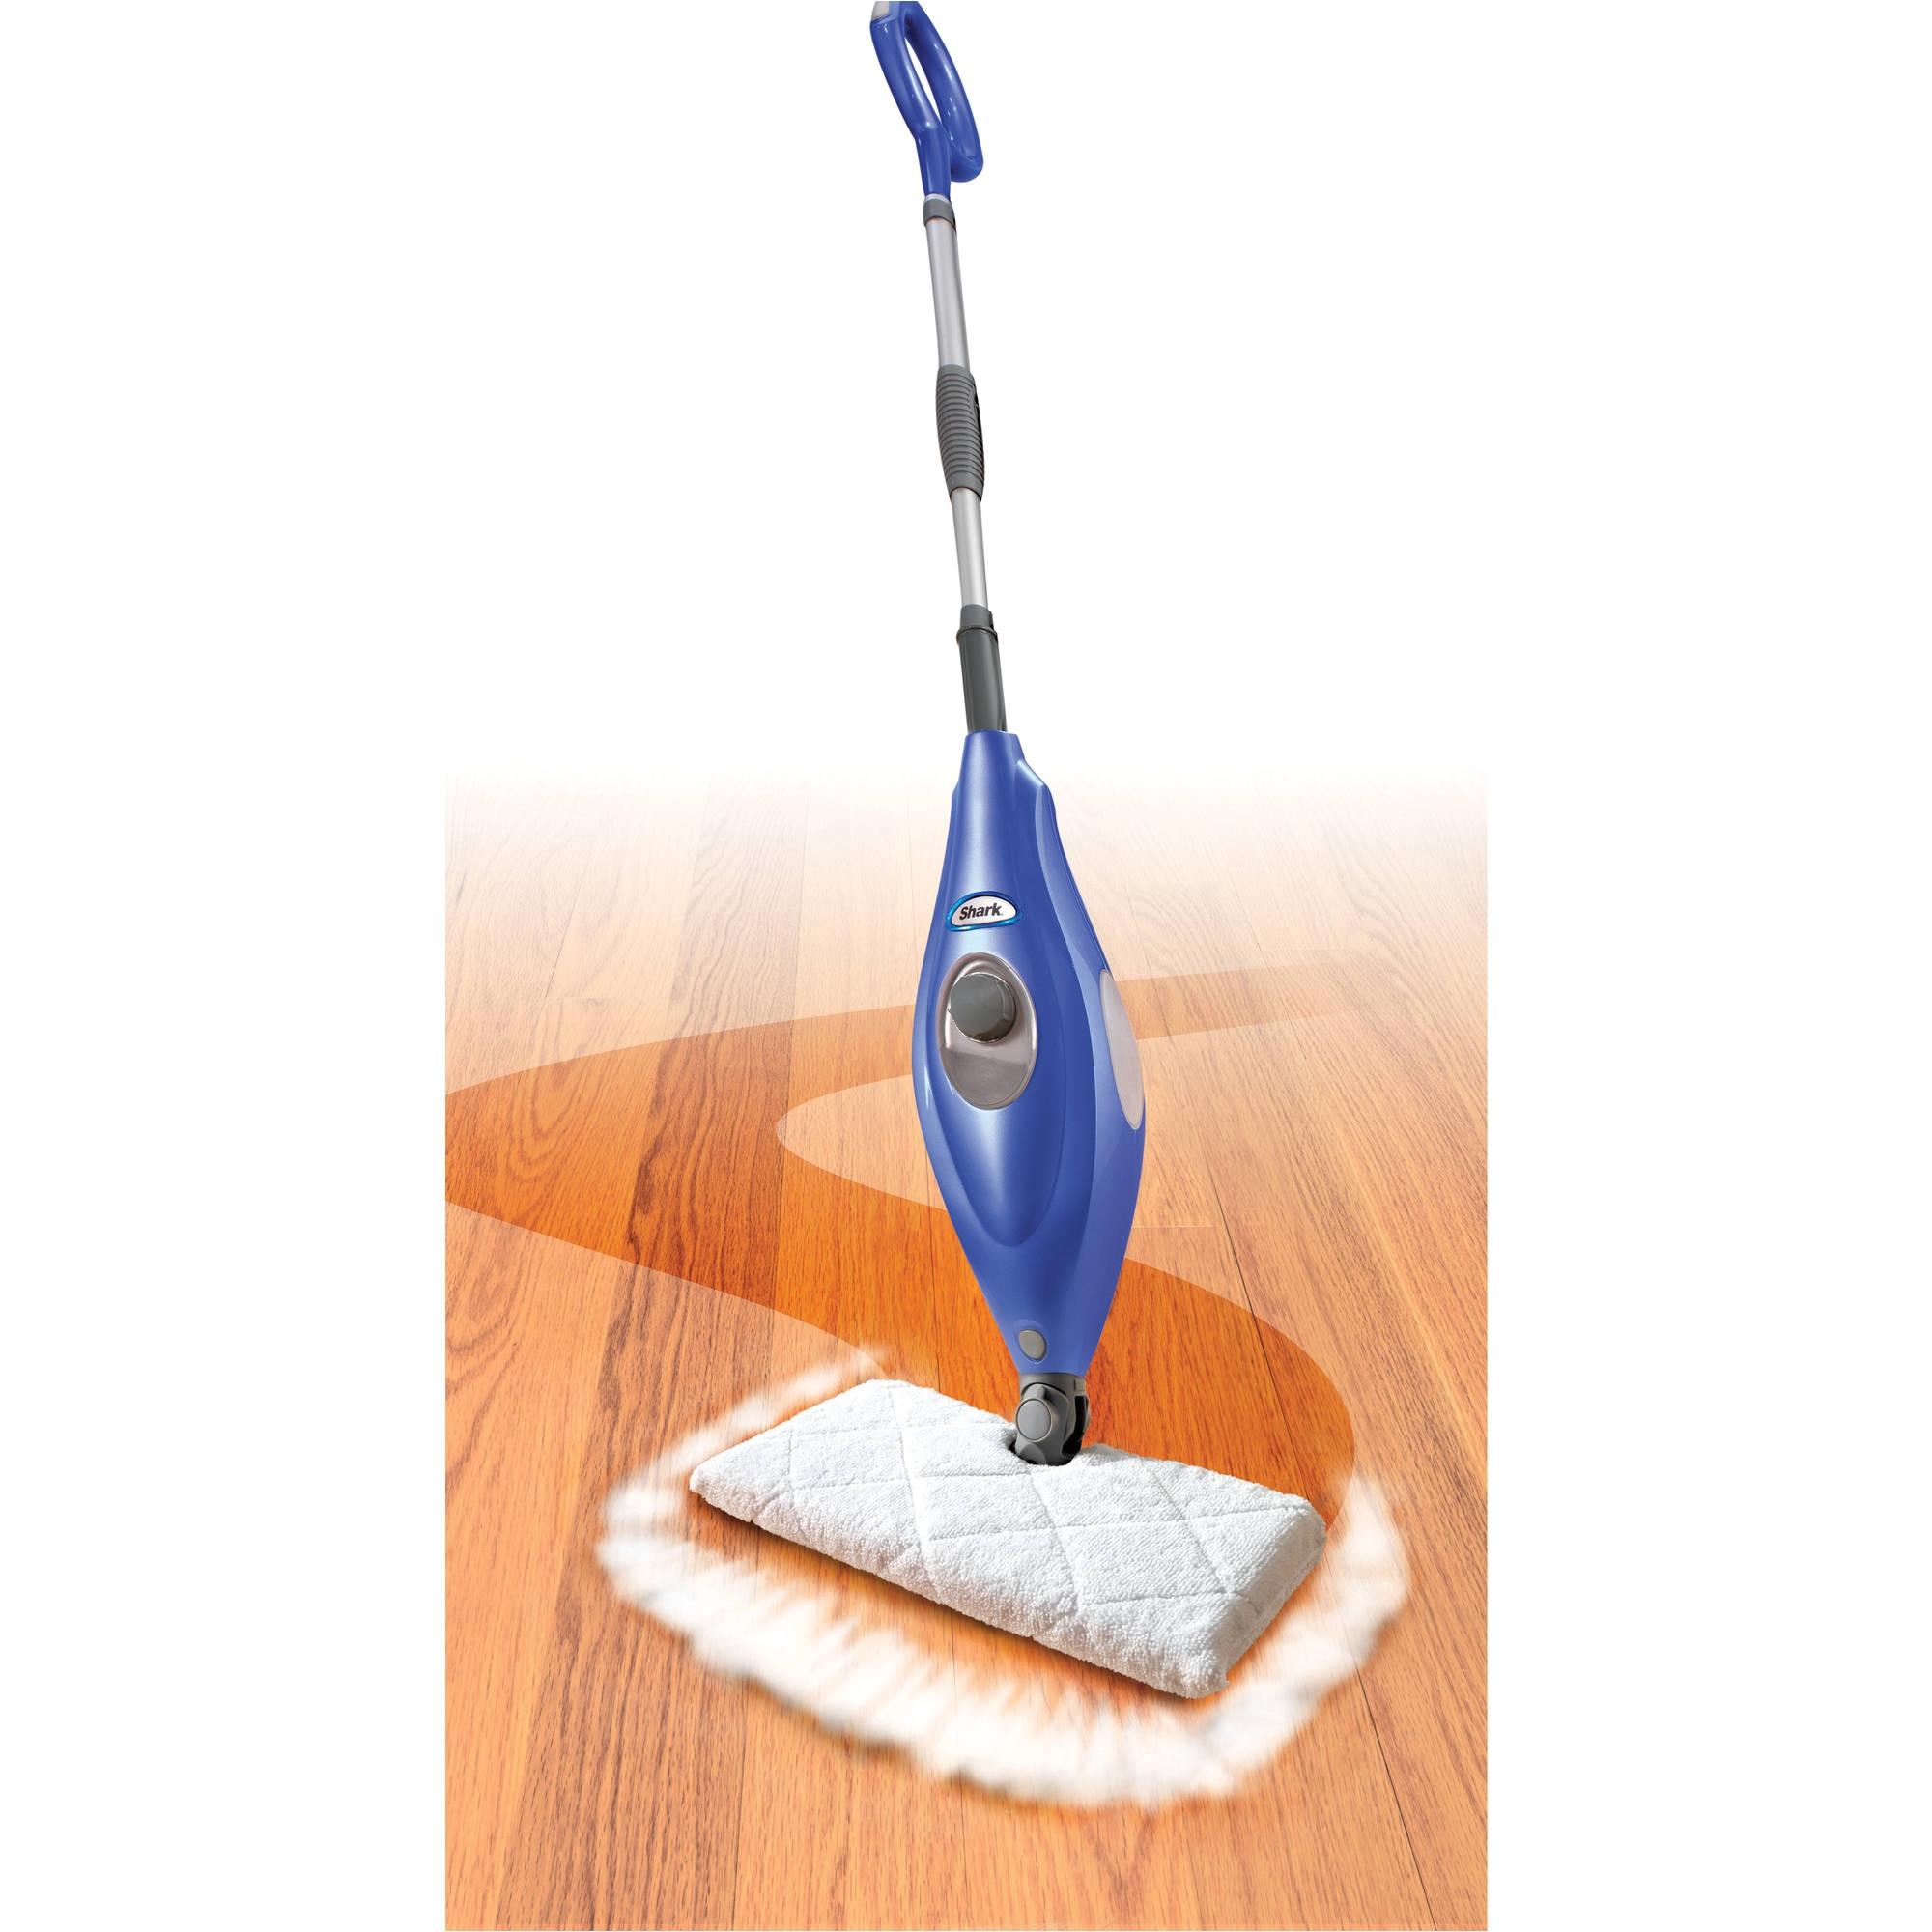 Walmart Floor Cleaners Shark Shark Deluxe Steam Pocket Mop S3501wm Walmart Com